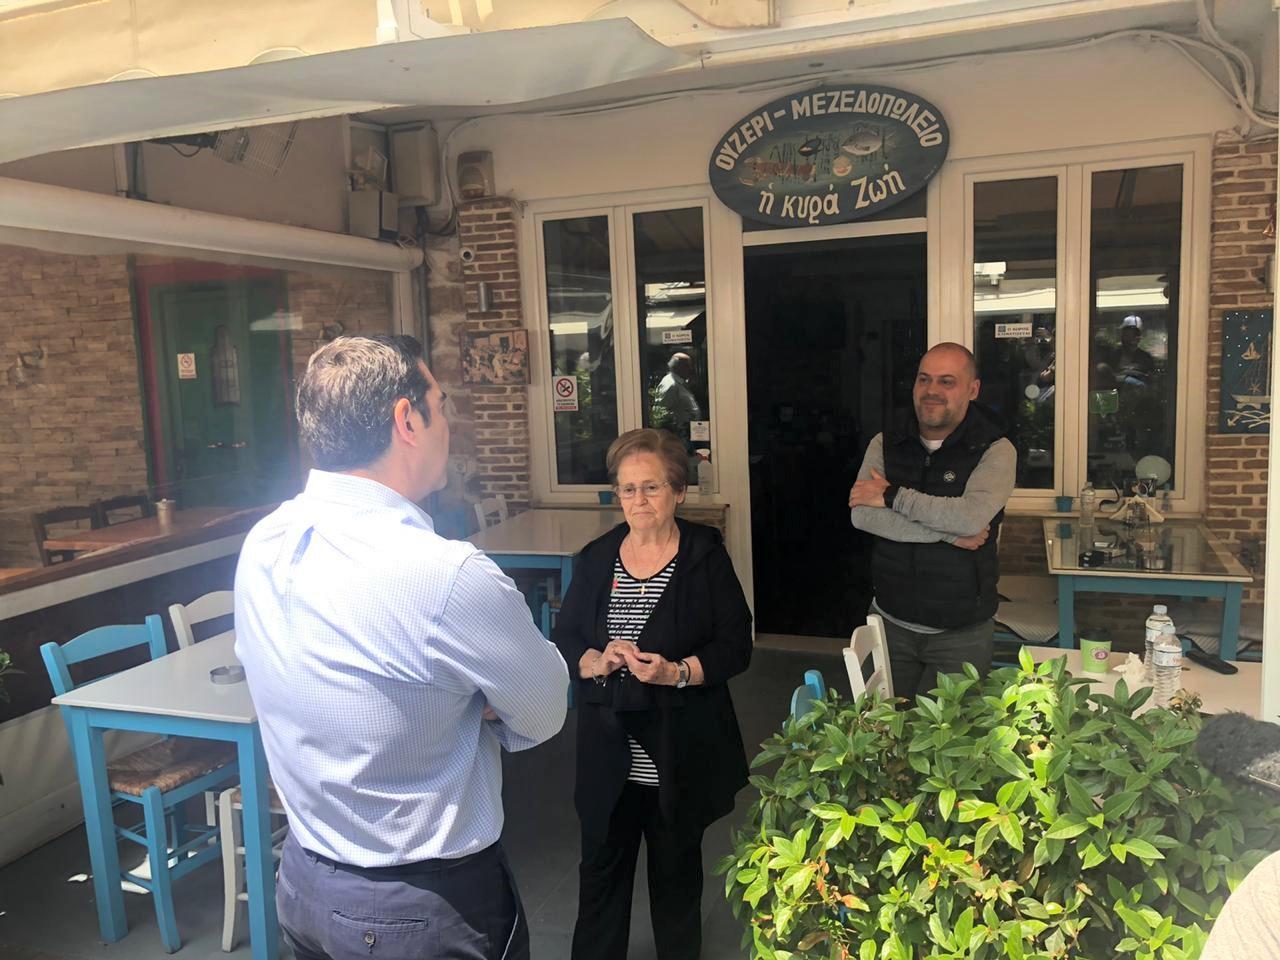 Τσίπρας: Βόλτα στην Καισαριανή και συνάντηση με καταστηματάρχες